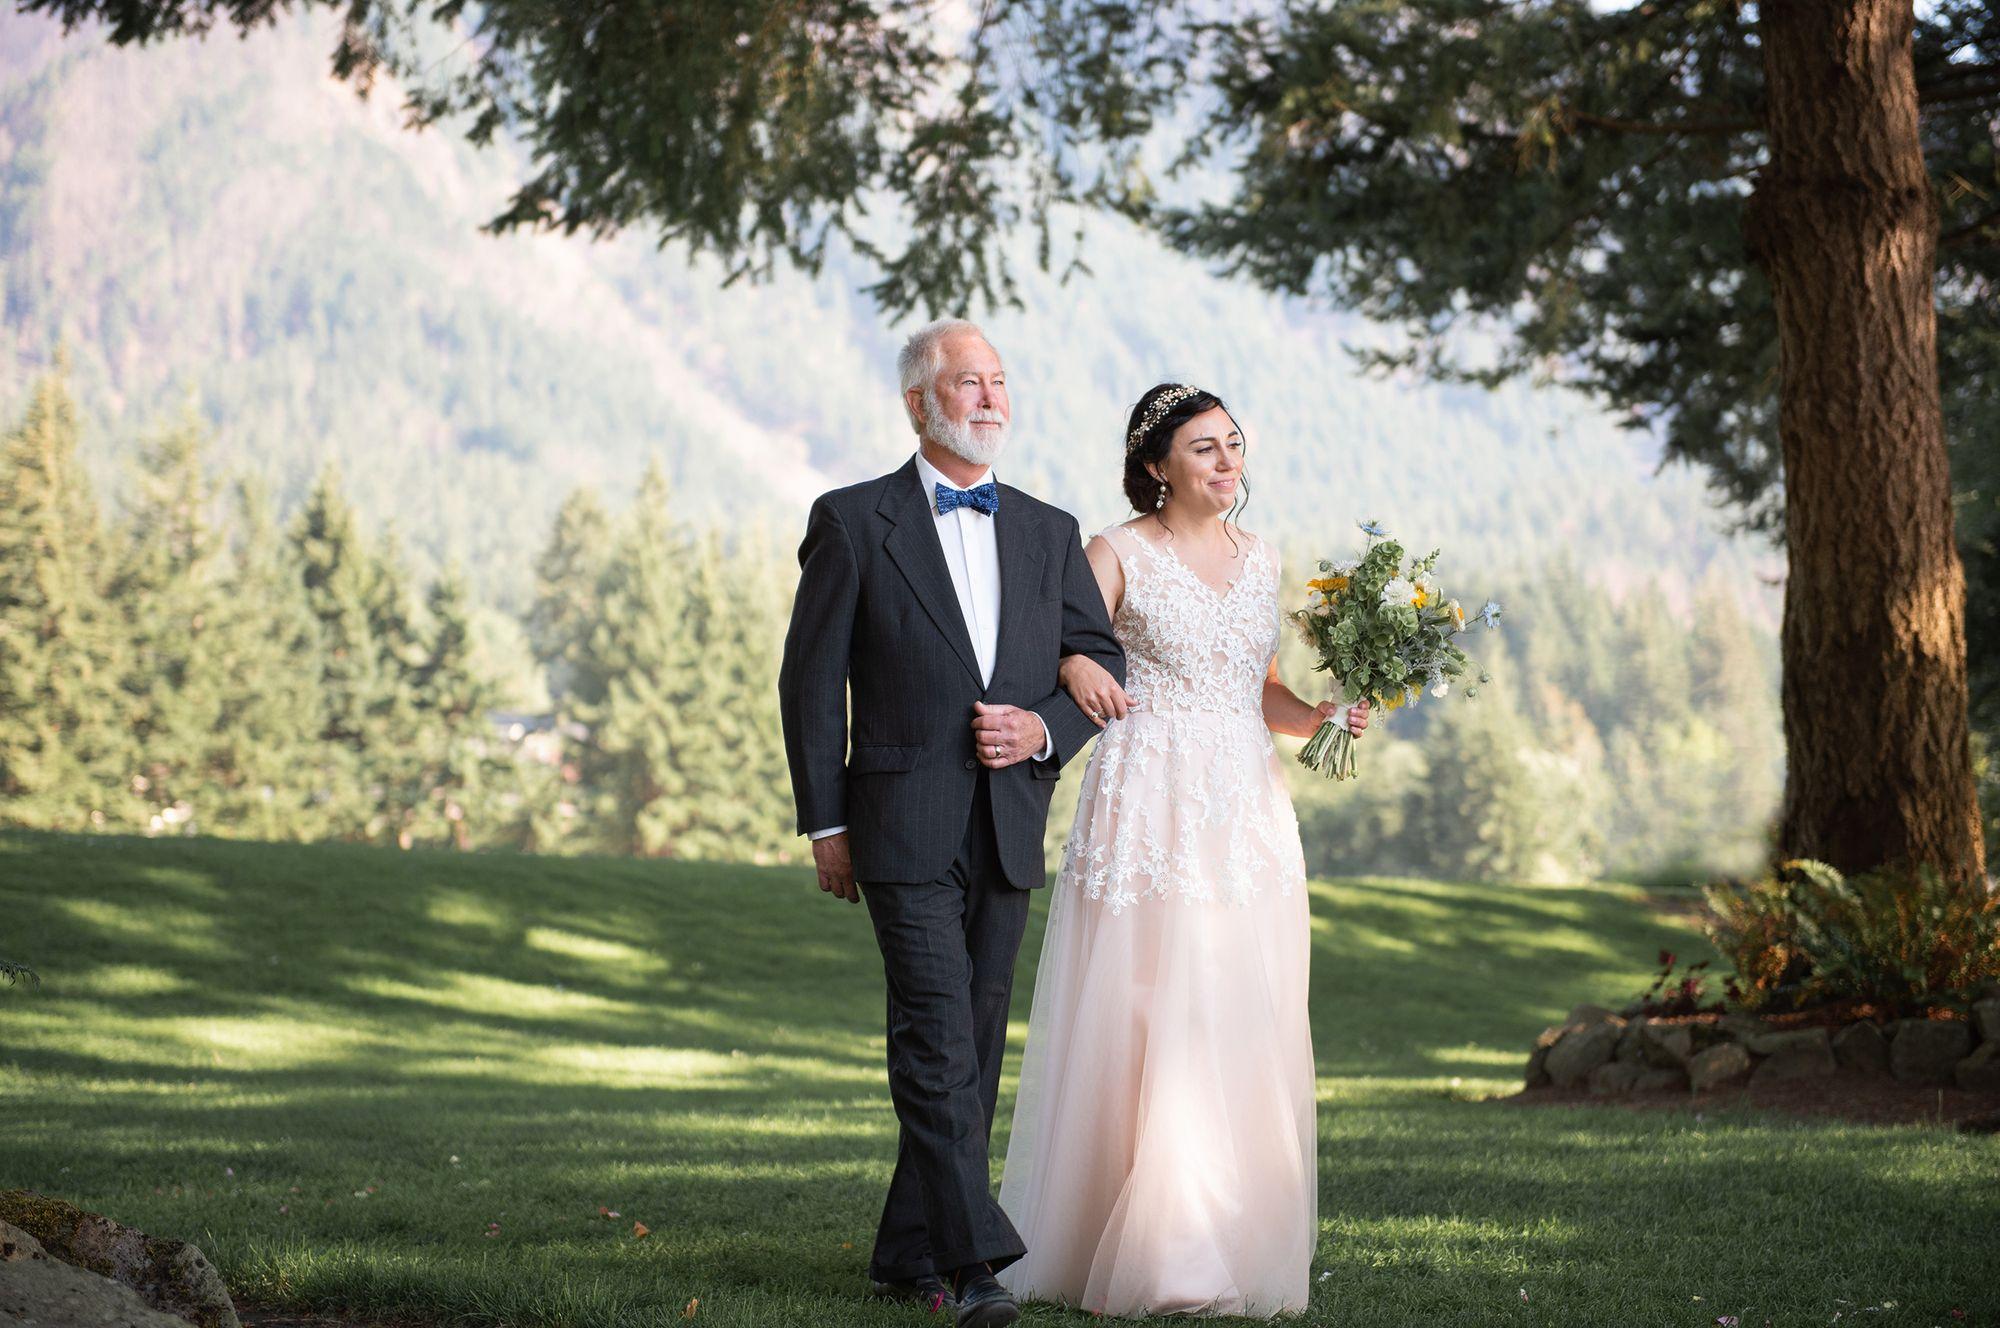 wedding9890.jpg